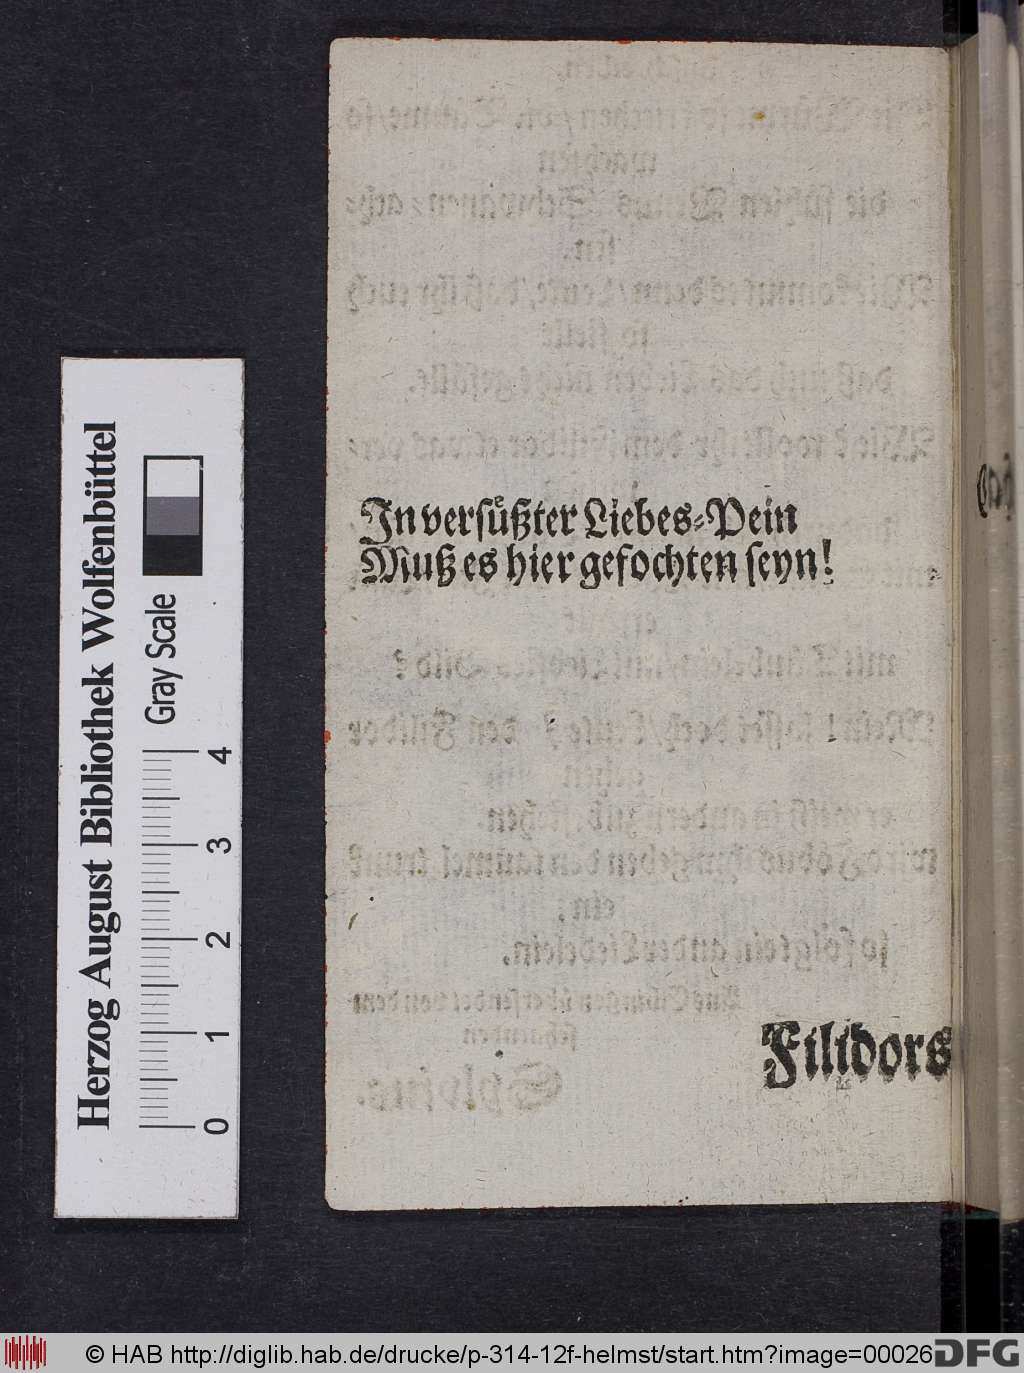 http://diglib.hab.de/drucke/p-314-12f-helmst/00026.jpg